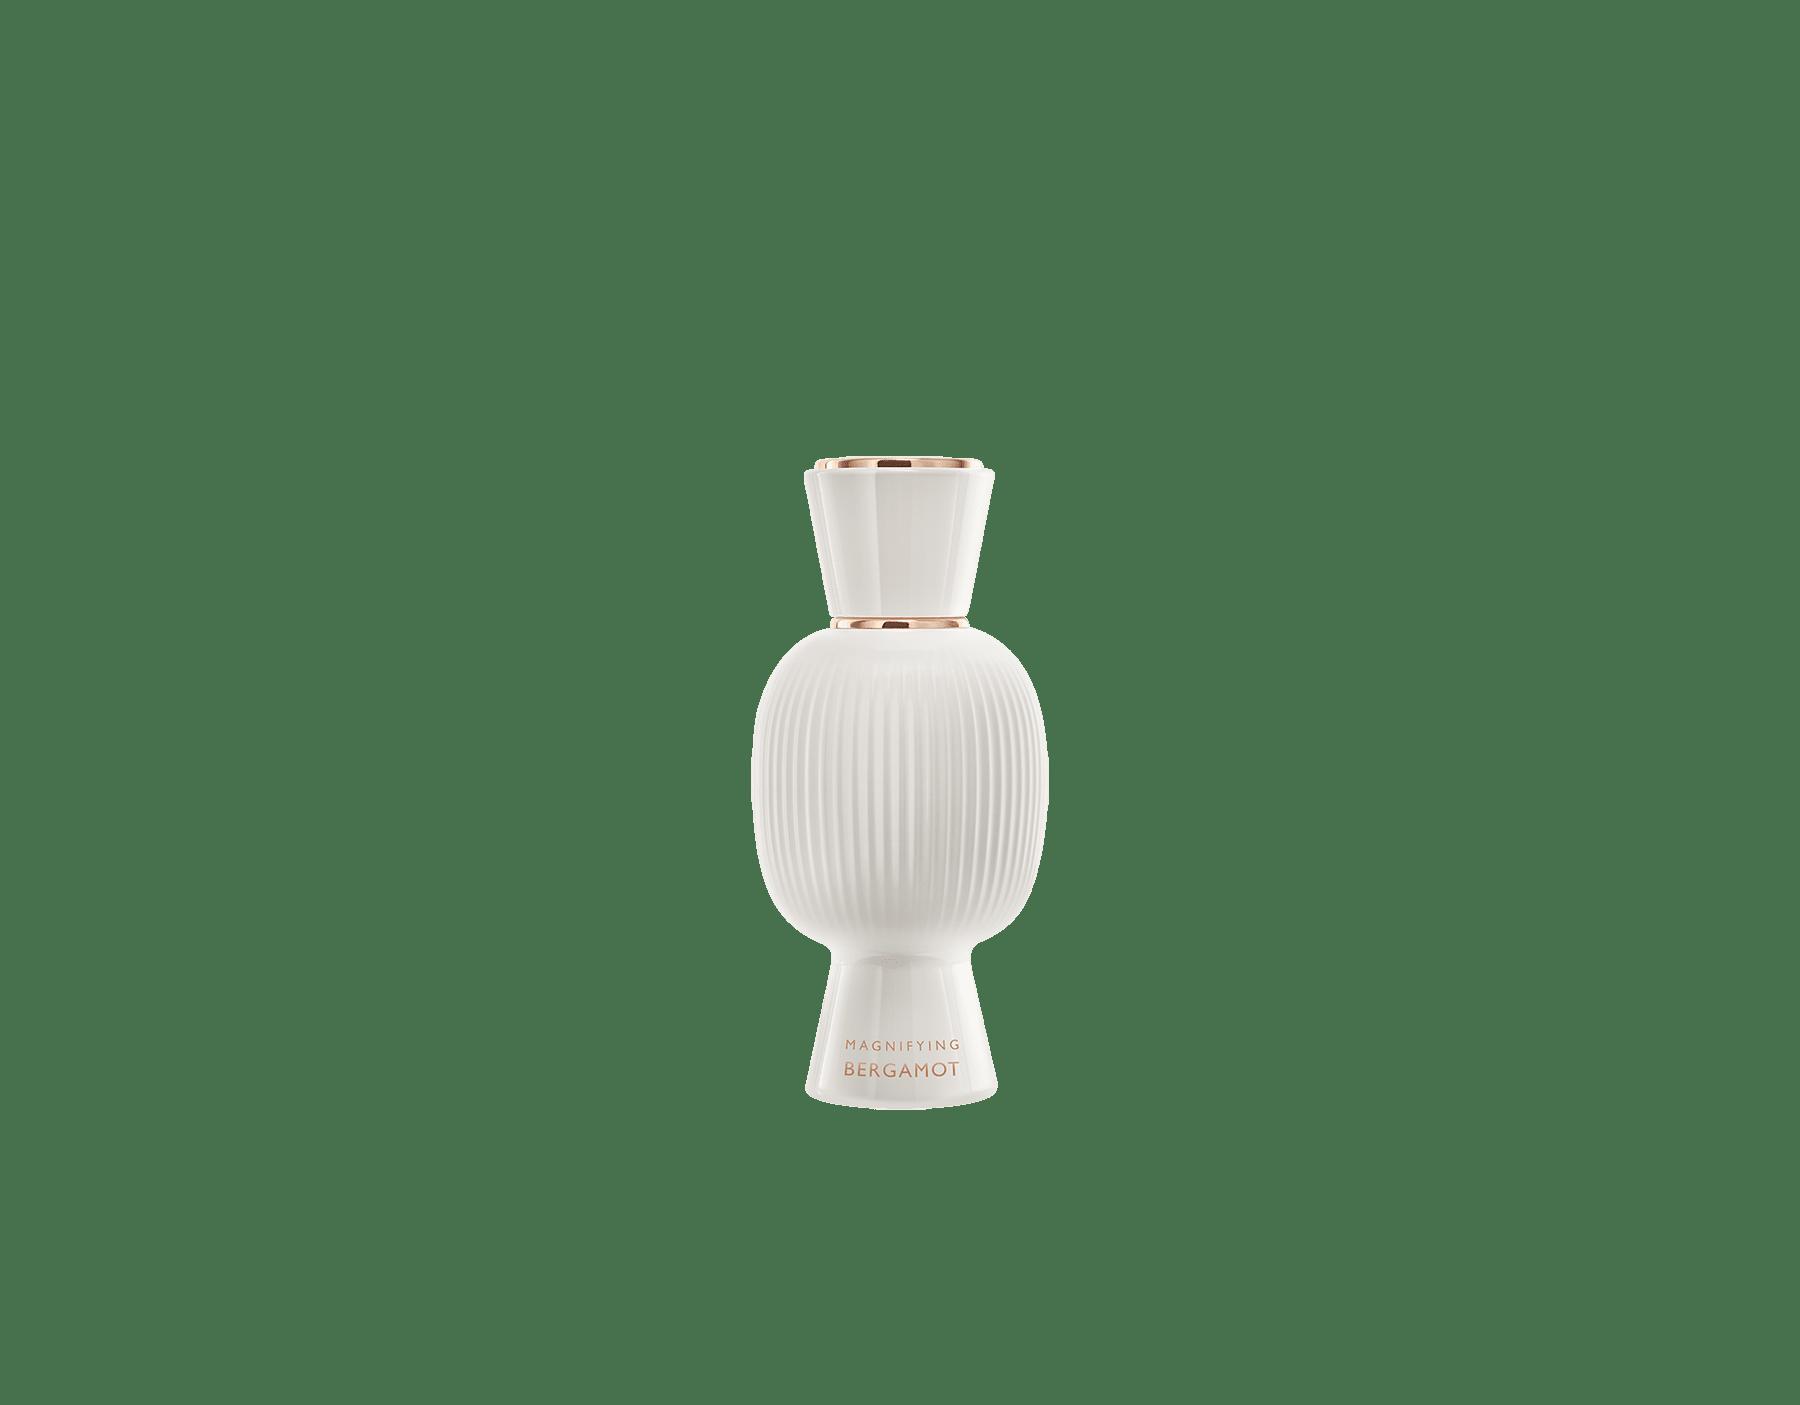 Un coffret de parfums exclusif, aussi unique et audacieux que vous. Florale et poudrée, l'Eau de Parfum Allegra Dolce Estasi se mêle à la fraîcheur joyeuse de l'essence du Magnifying Bergamot pour donner vie à une irrésistible fragrance personnalisée. Perfume-Set-Dolce-Estasi-Eau-de-Parfum-and-Bergamot-Magnifying image 3